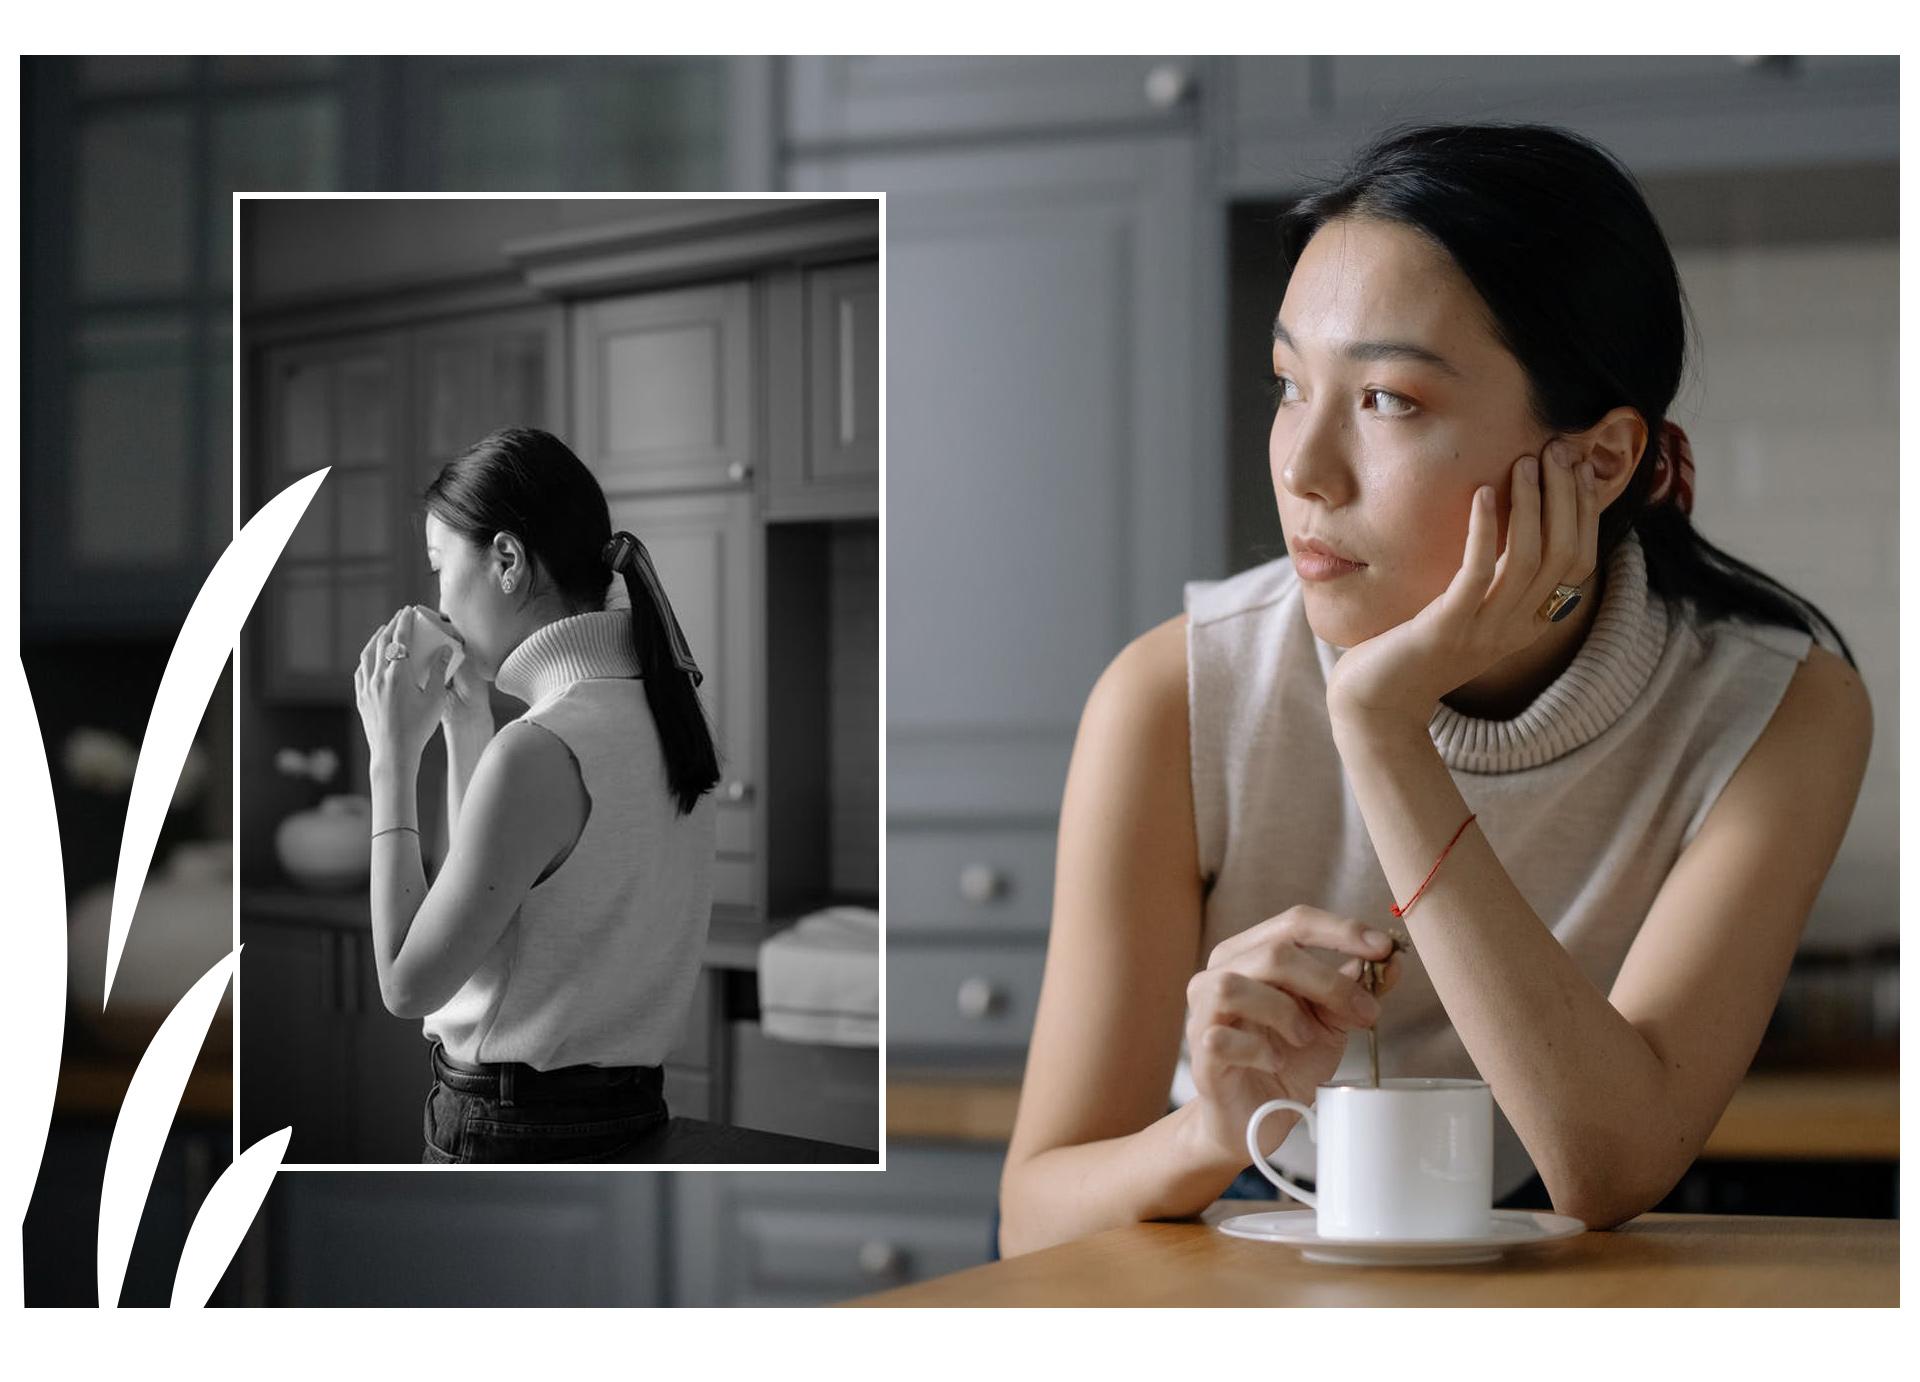 """Phút thành thật: Ở nhà giãn cách bị vợ cự tuyệt """"chuyện ấy"""", lý do khiến tôi đỏ mặt - 6"""